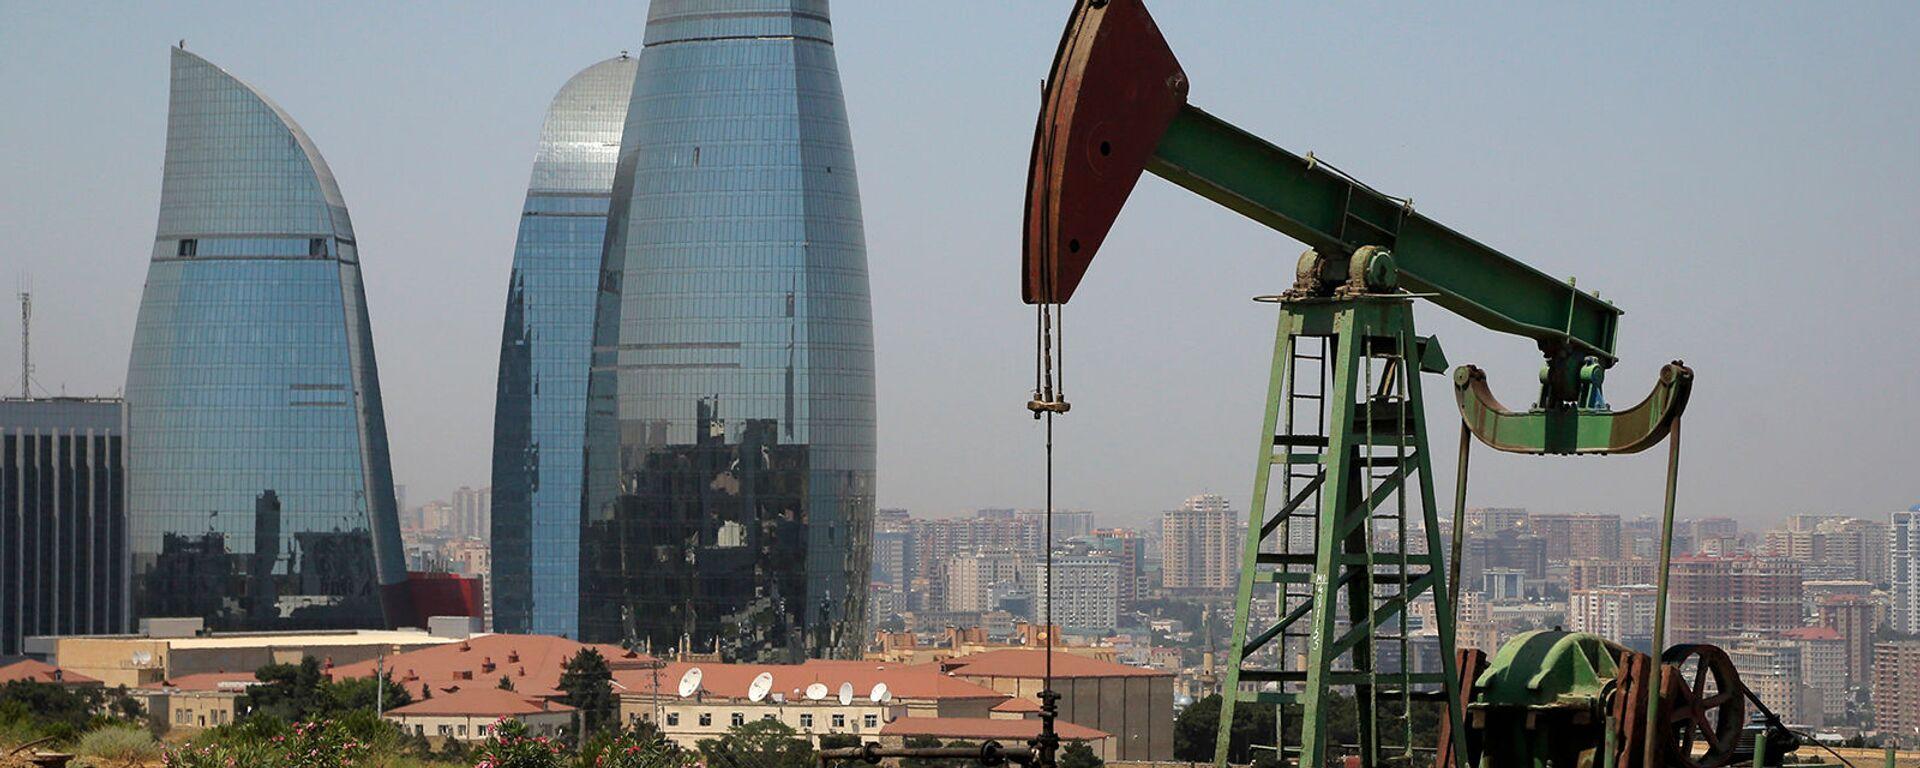 Нефтяной насос на фоне небоскребов Пламенные башни в Баку - Sputnik Армения, 1920, 06.10.2021